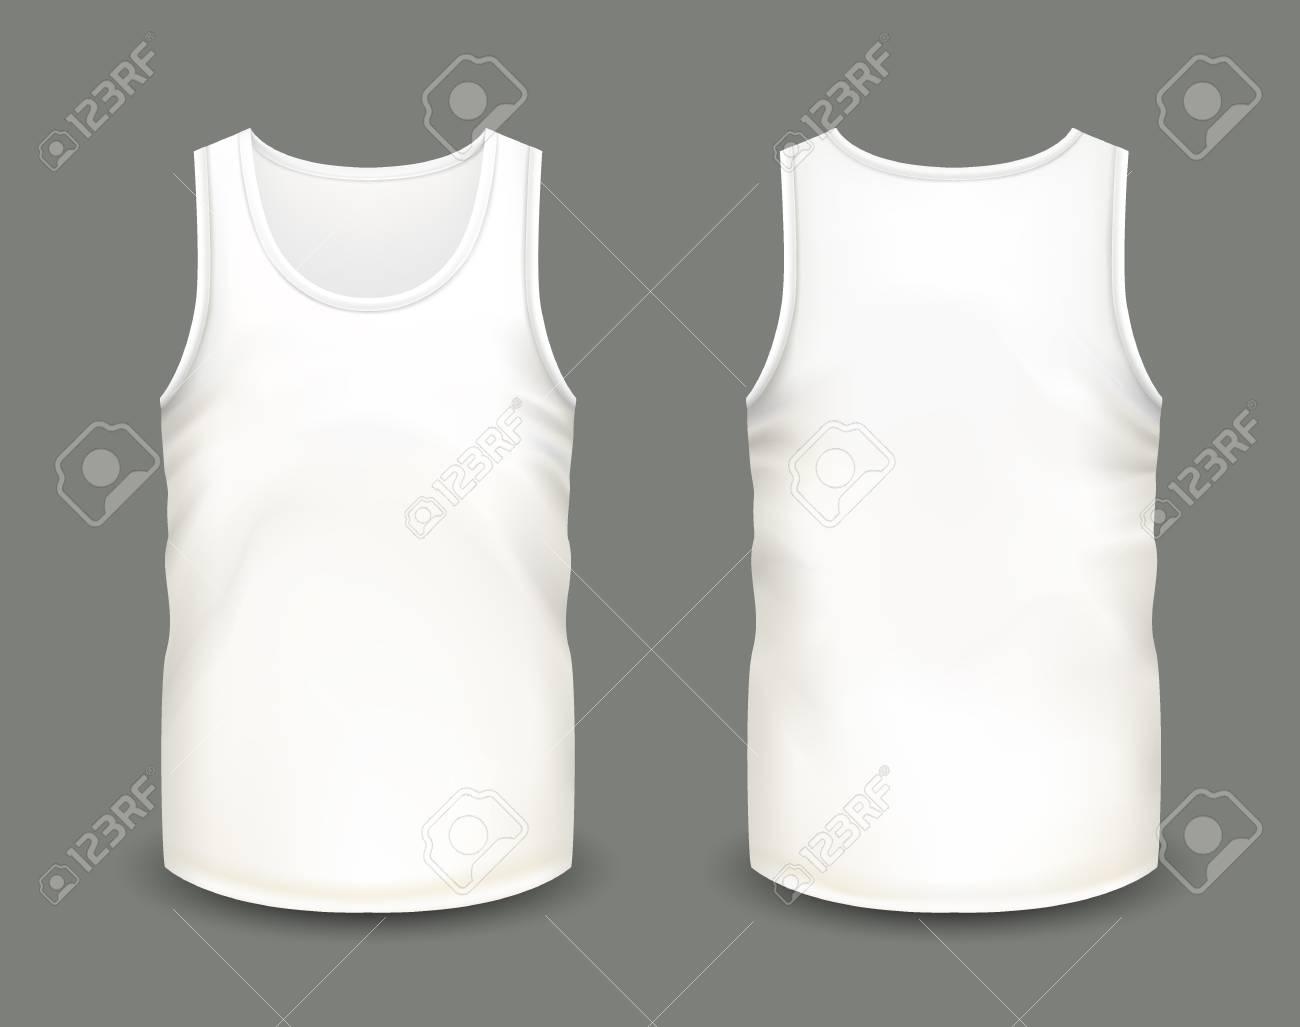 Camisa Vectorial Hecha Y A Blanca De En Frontal Plantilla Hombre Vistas Mangas Para Camiseta Masculina RealistaMalla Sin PosteriorIlustración Con kXOuTPZi